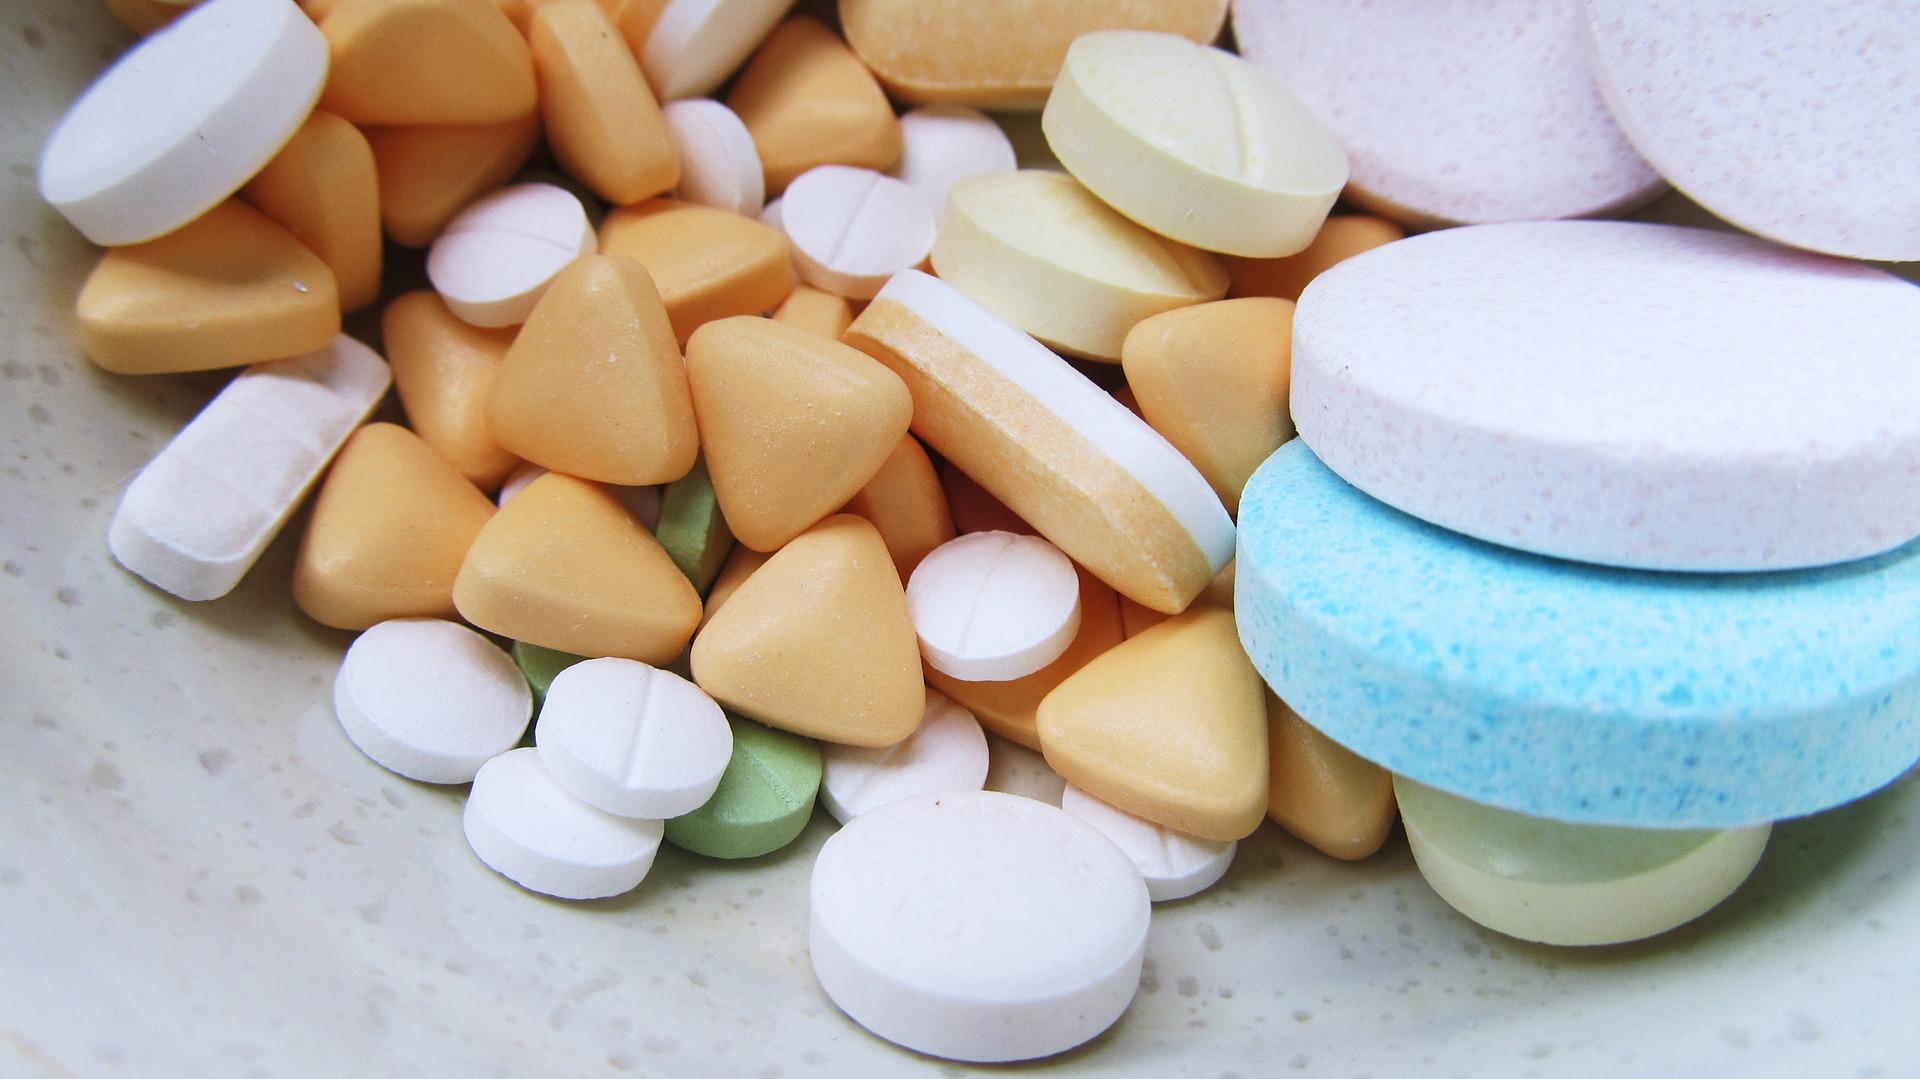 Fique em casa: farmácias que oferecem delivery de medicamentos